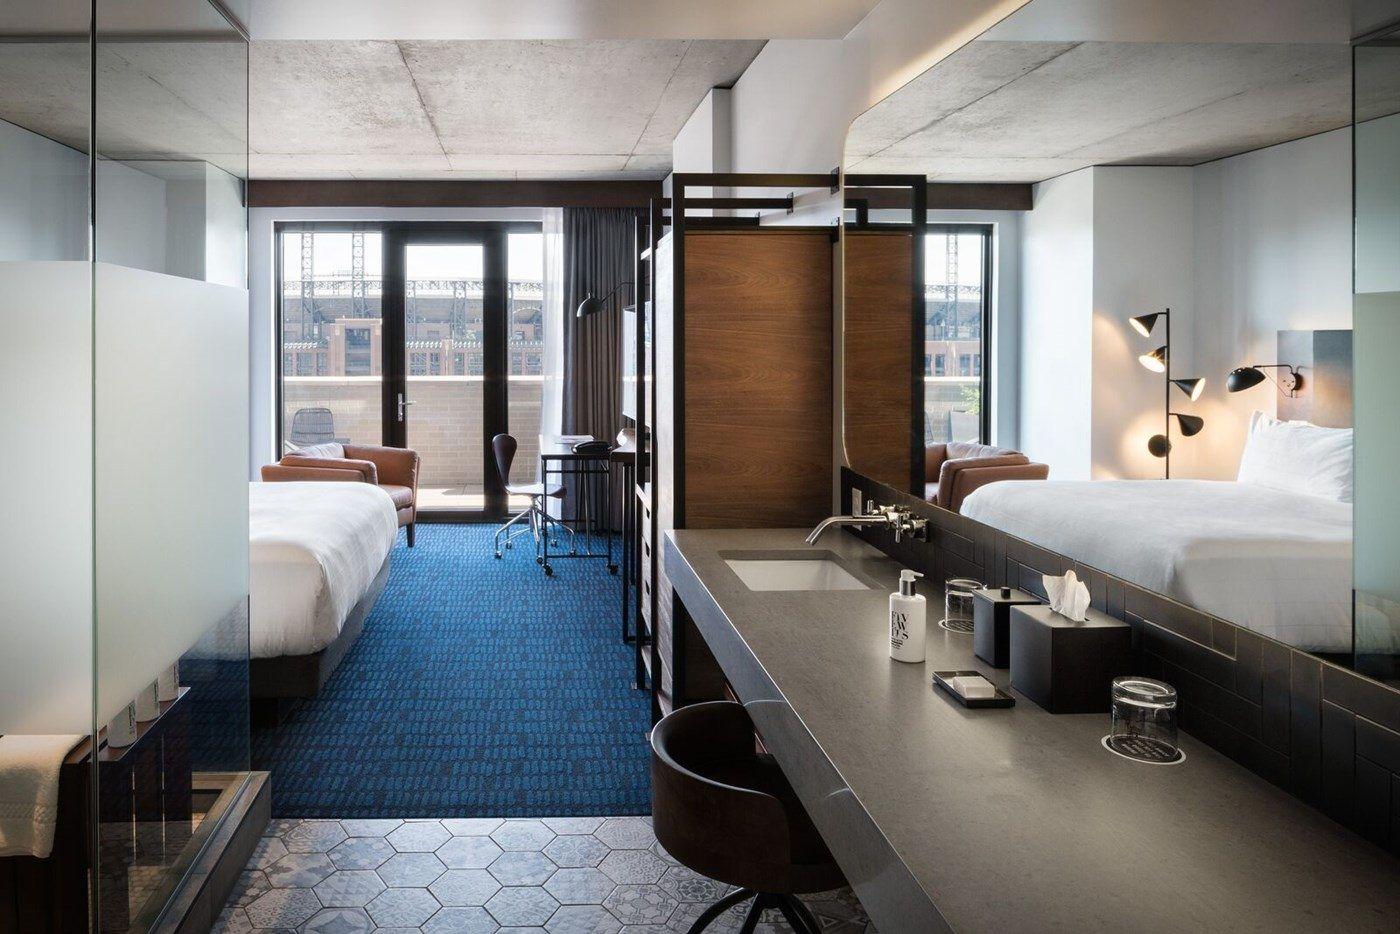 Craftsman King 255 Denver hotels, Hotel, Room